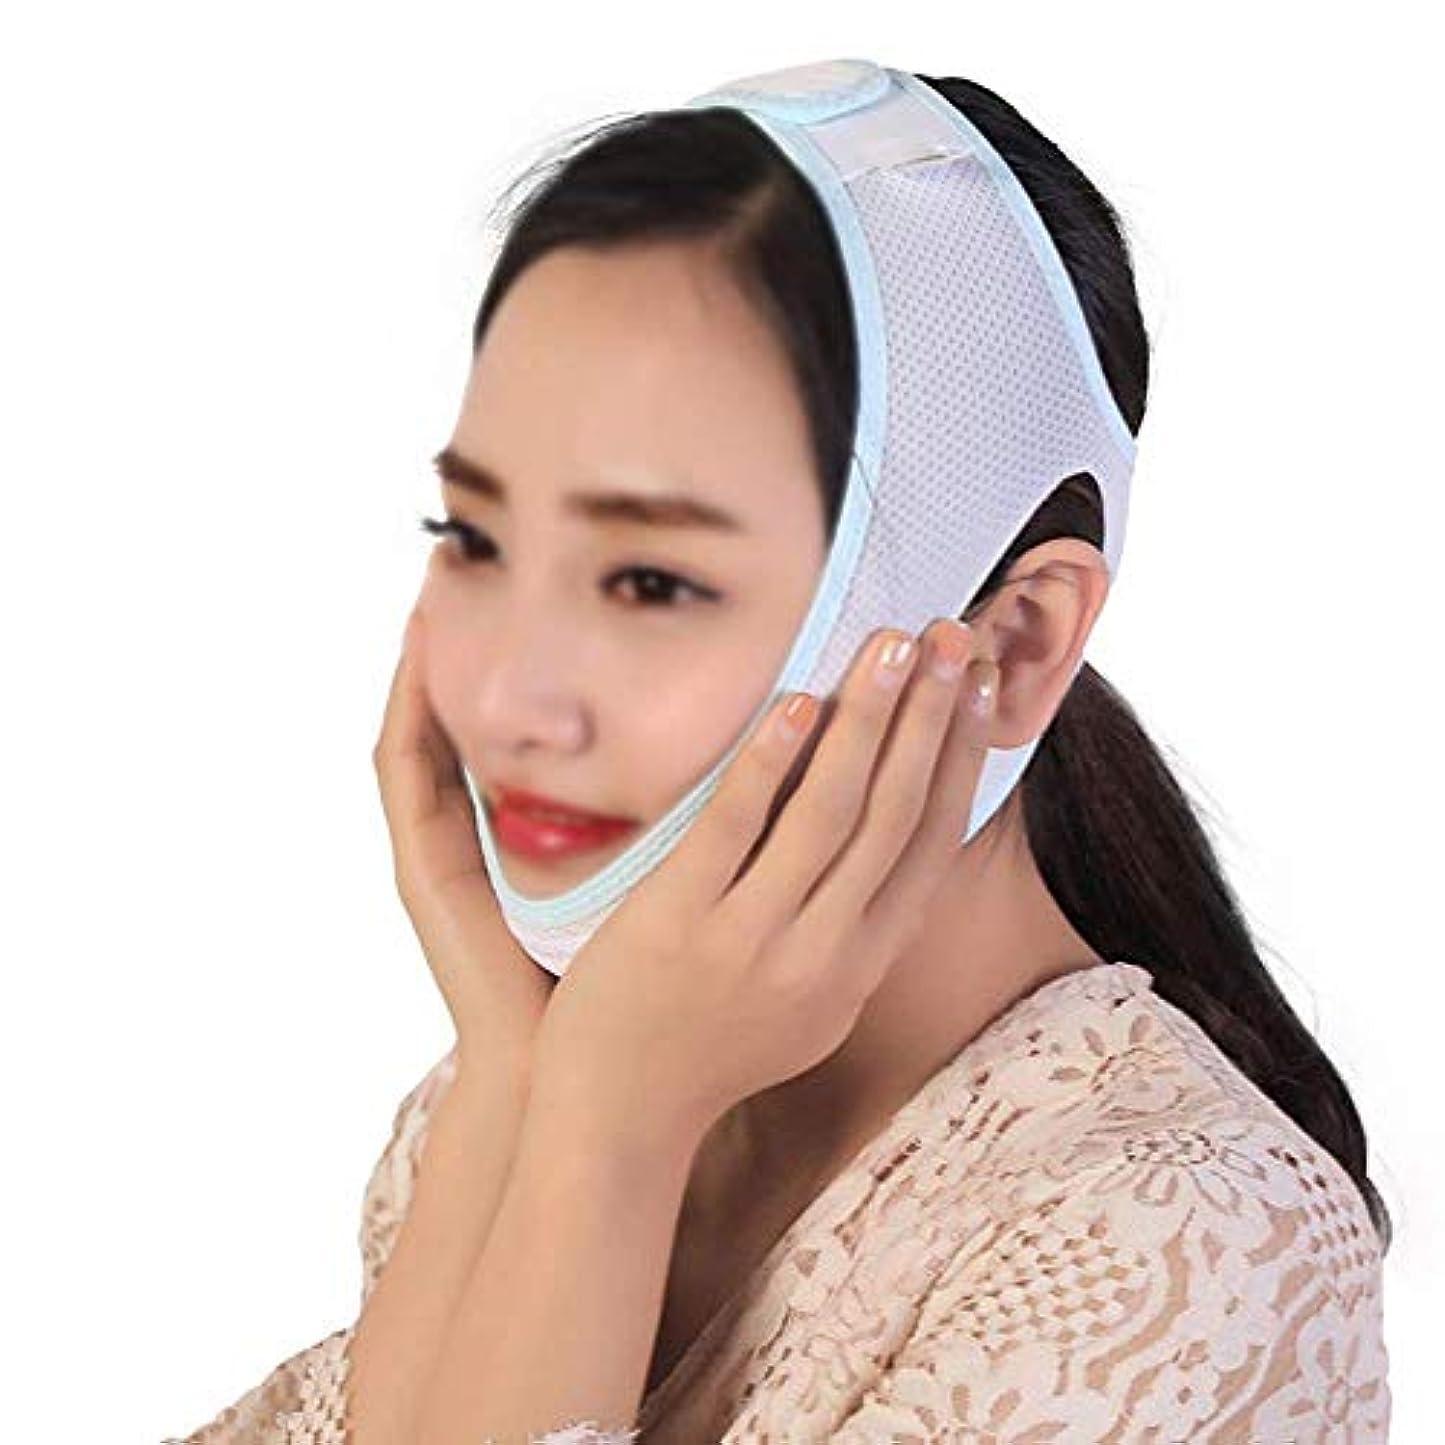 ハーフかわす木製ファーミングフェイスマスク、スモールVフェイスアーティファクトリフティングフェイスプラスチックフェイスマスクコンフォートアップグレード最適化フェイスカーブの向上包括的な 包帯(サイズ:L),M